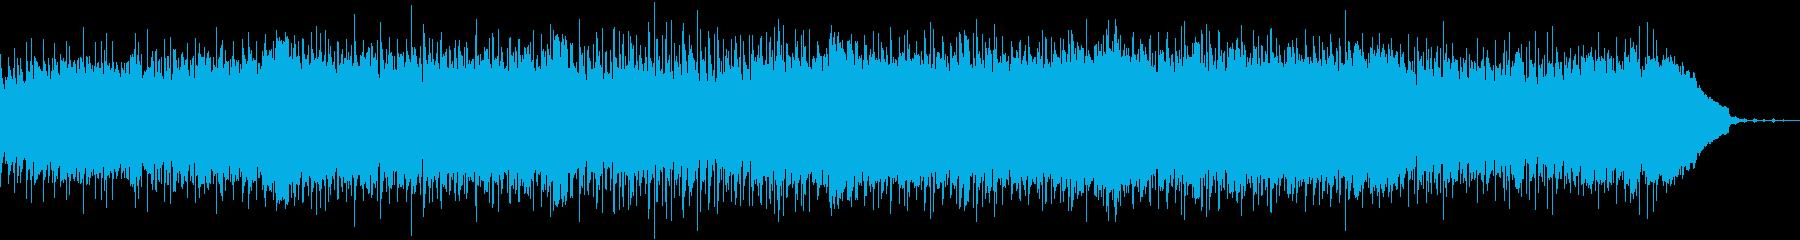 バイオリン・ギター・明るい・ブルースの再生済みの波形